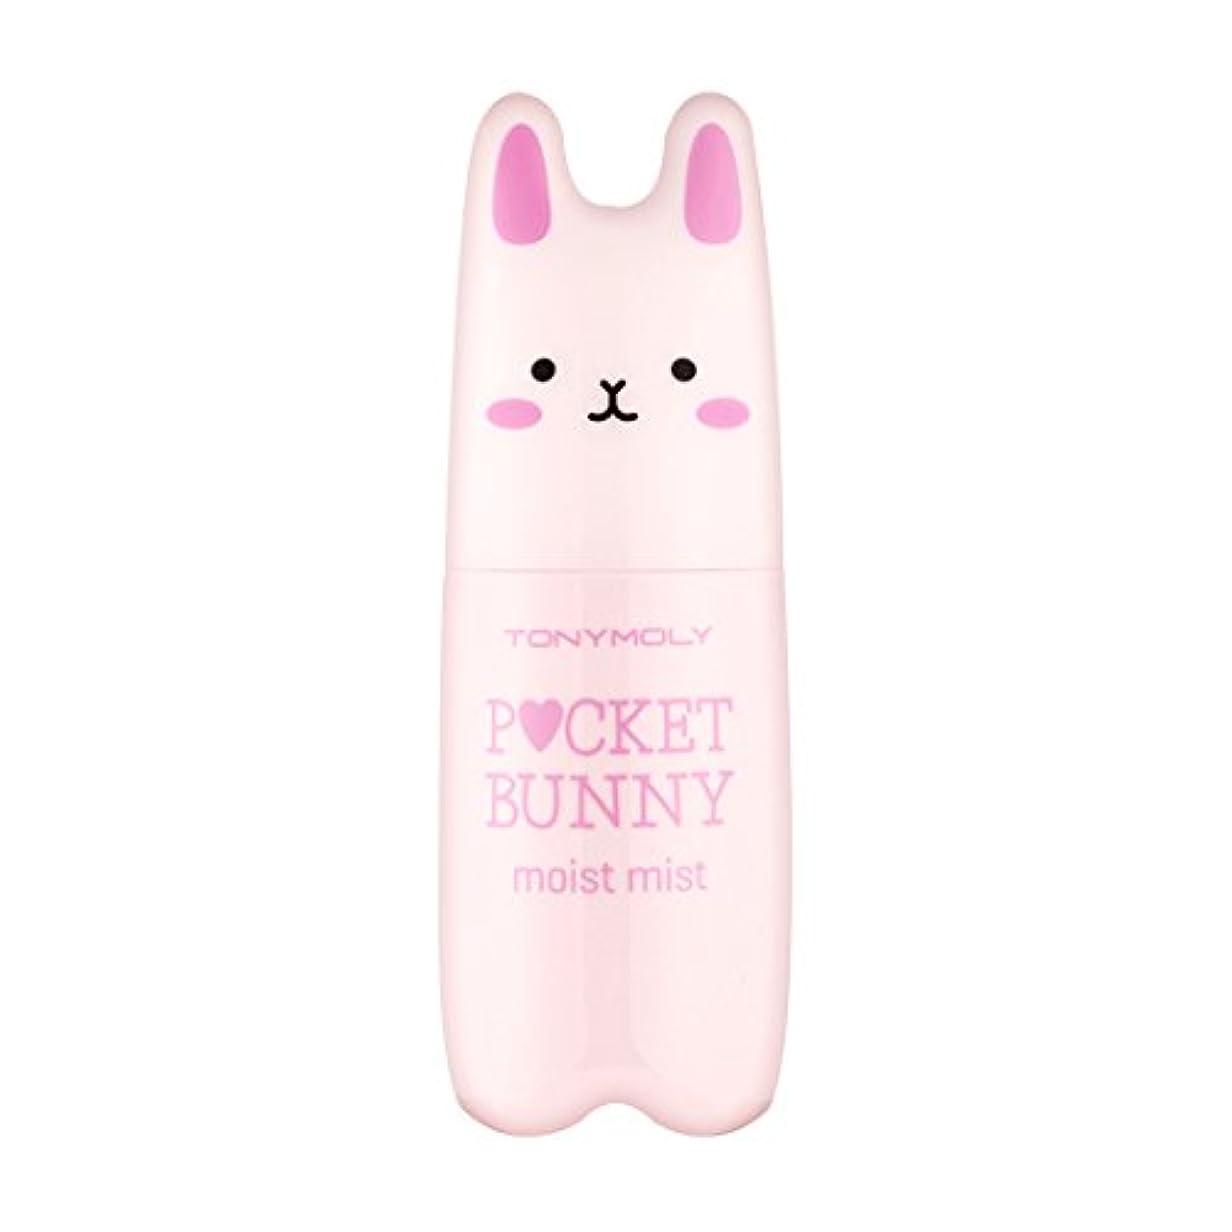 引き算開発する窓TONYMOLY(トニーモリー) Poket Bunny Mist ポケット バニー ミスト しっとりミスト [並行輸入品]